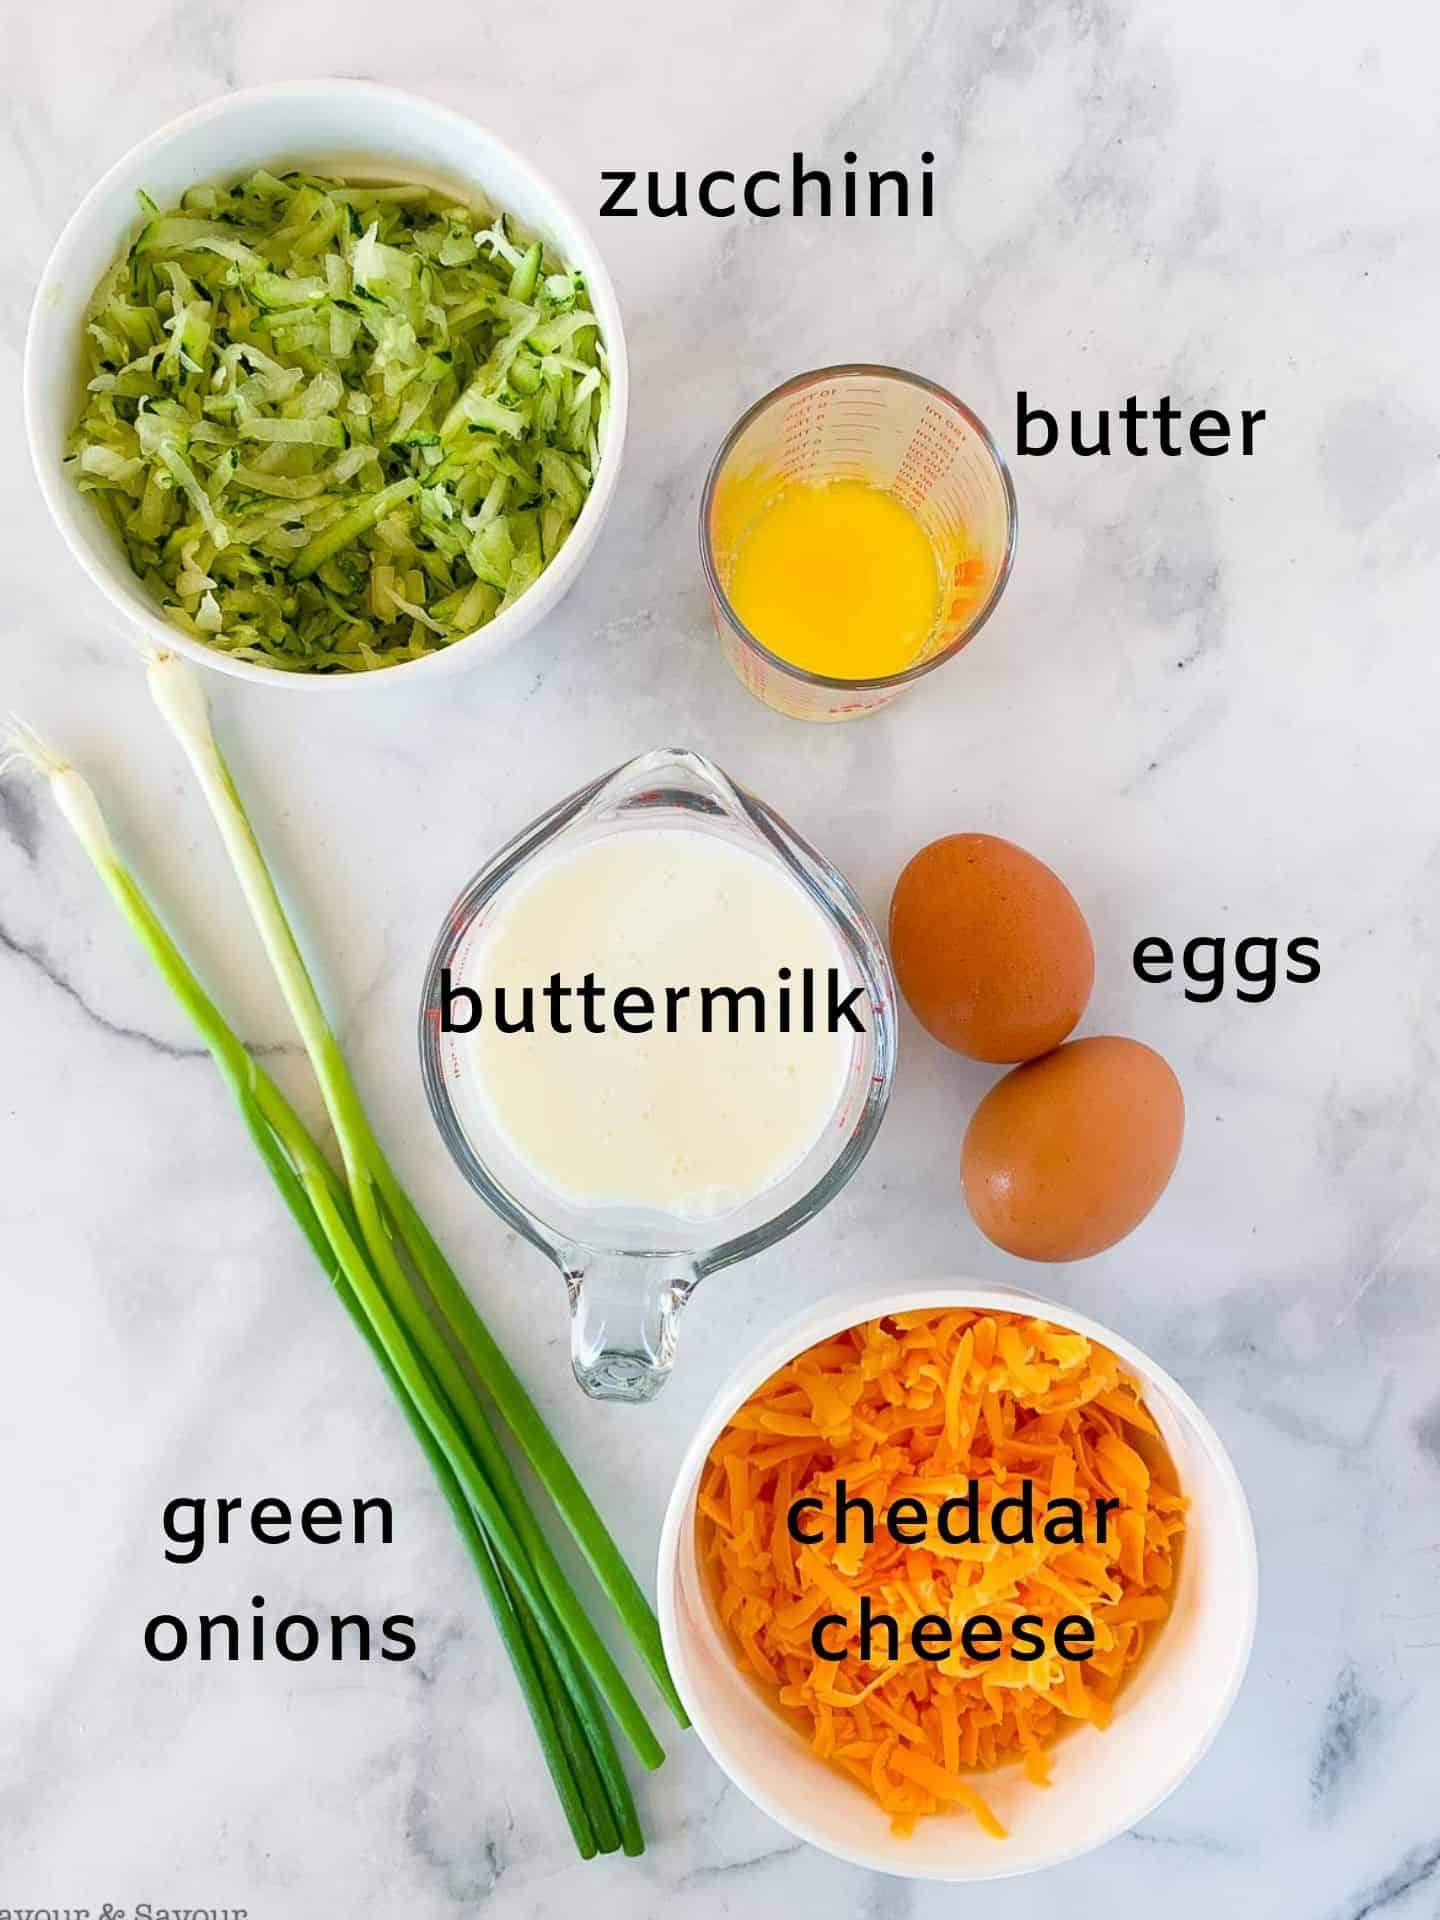 wet ingredients for gluten-free zucchini cheddar muffins